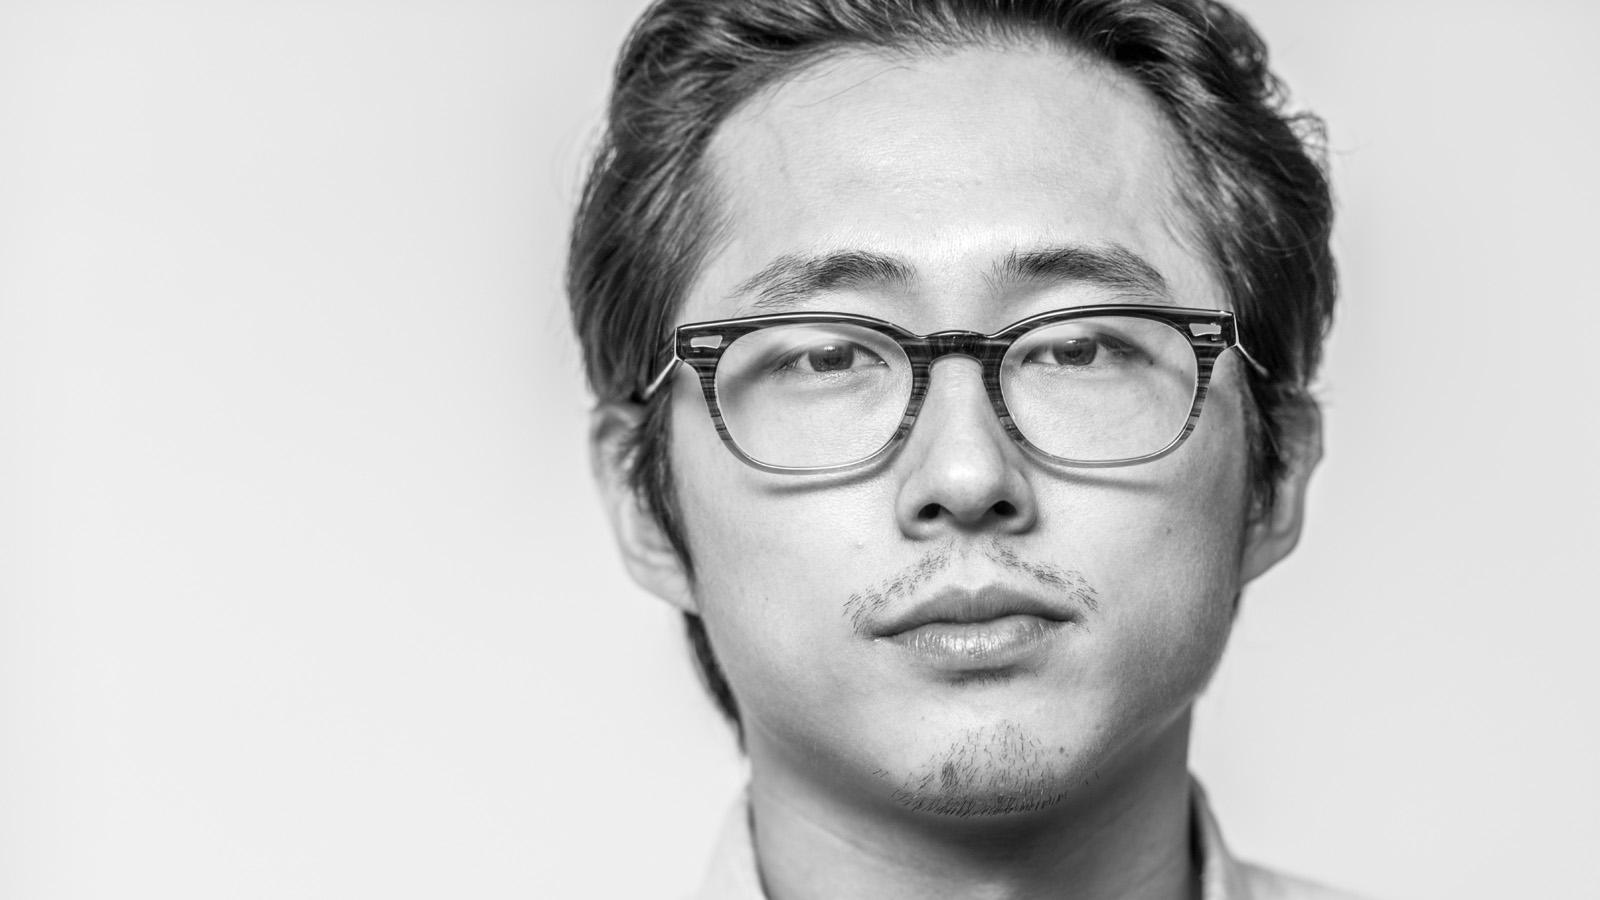 Steven Yuen portrait by Tony Urban